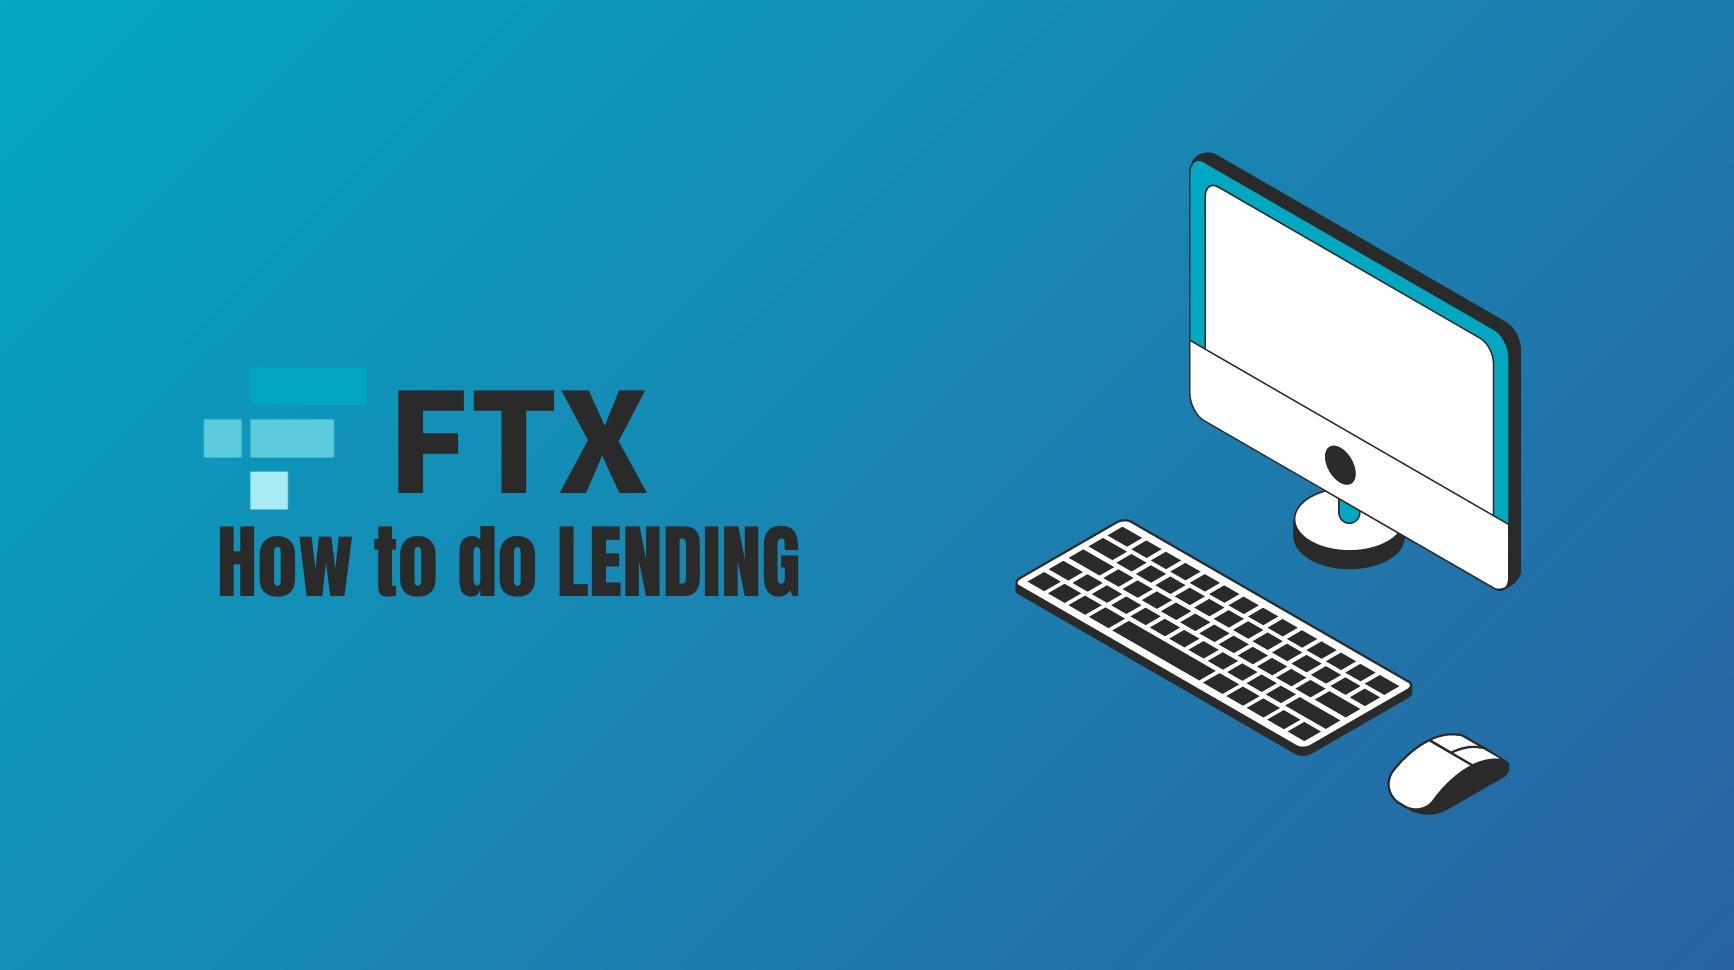 預けるだけで年利◯◯%!?FTXで仮想通貨やUSDをレンディングする方法